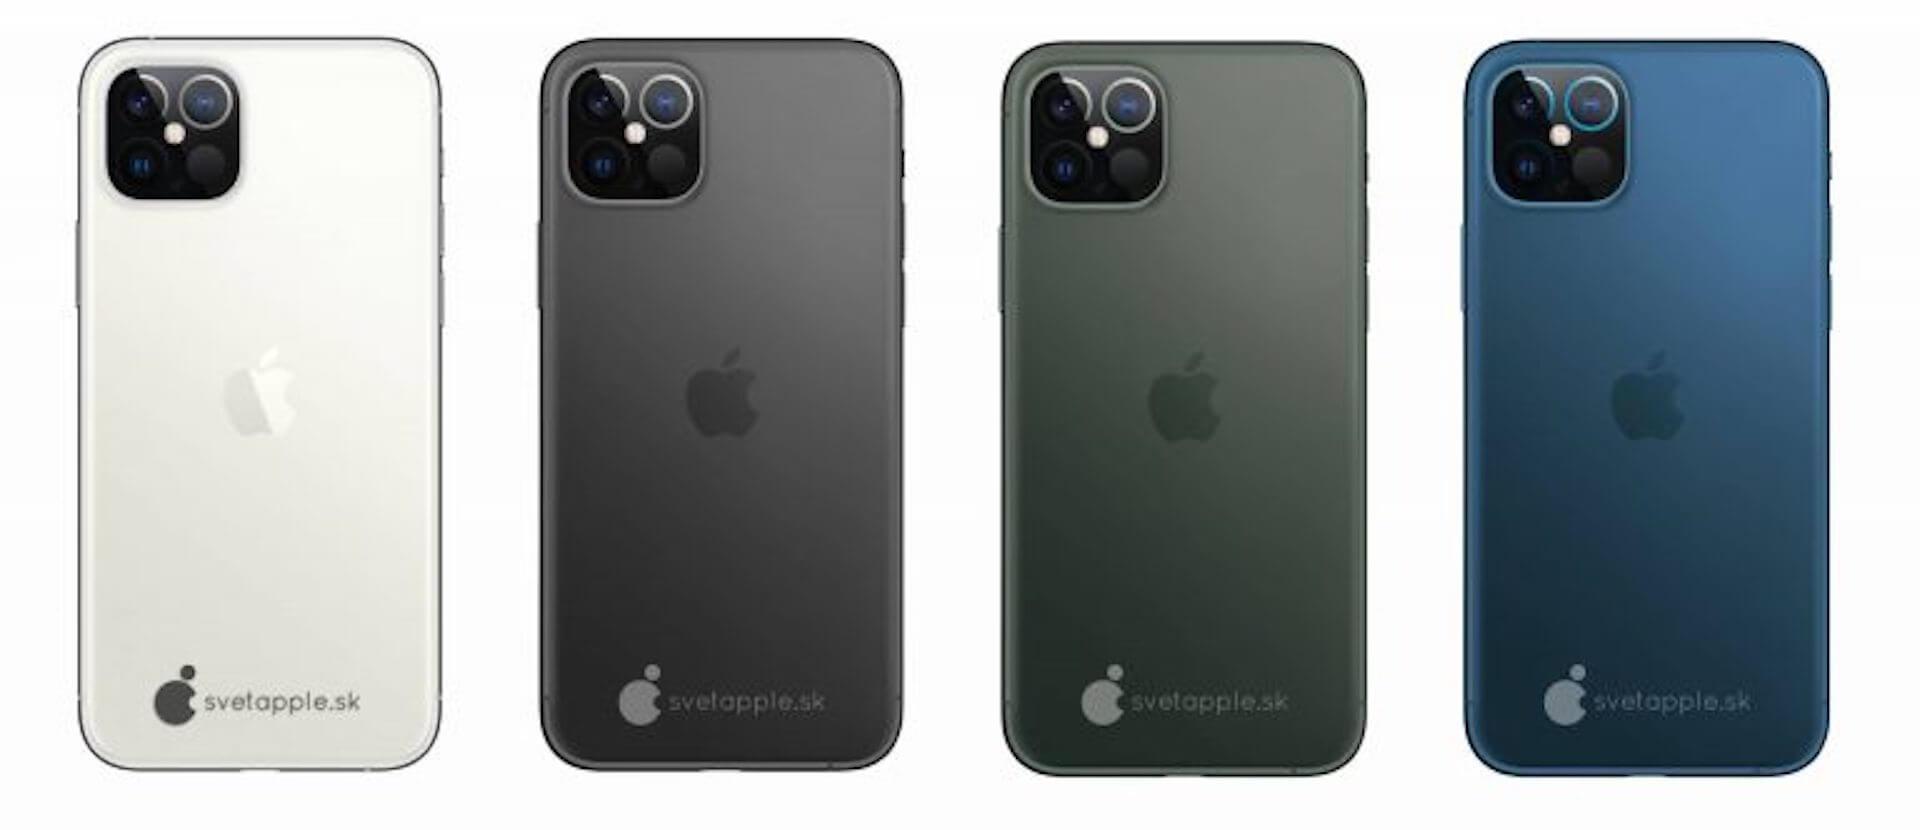 iPhone 12の生産はやはり遅れている?発表時期が10月以降になる可能性 tech200324_iphone12_pic_1